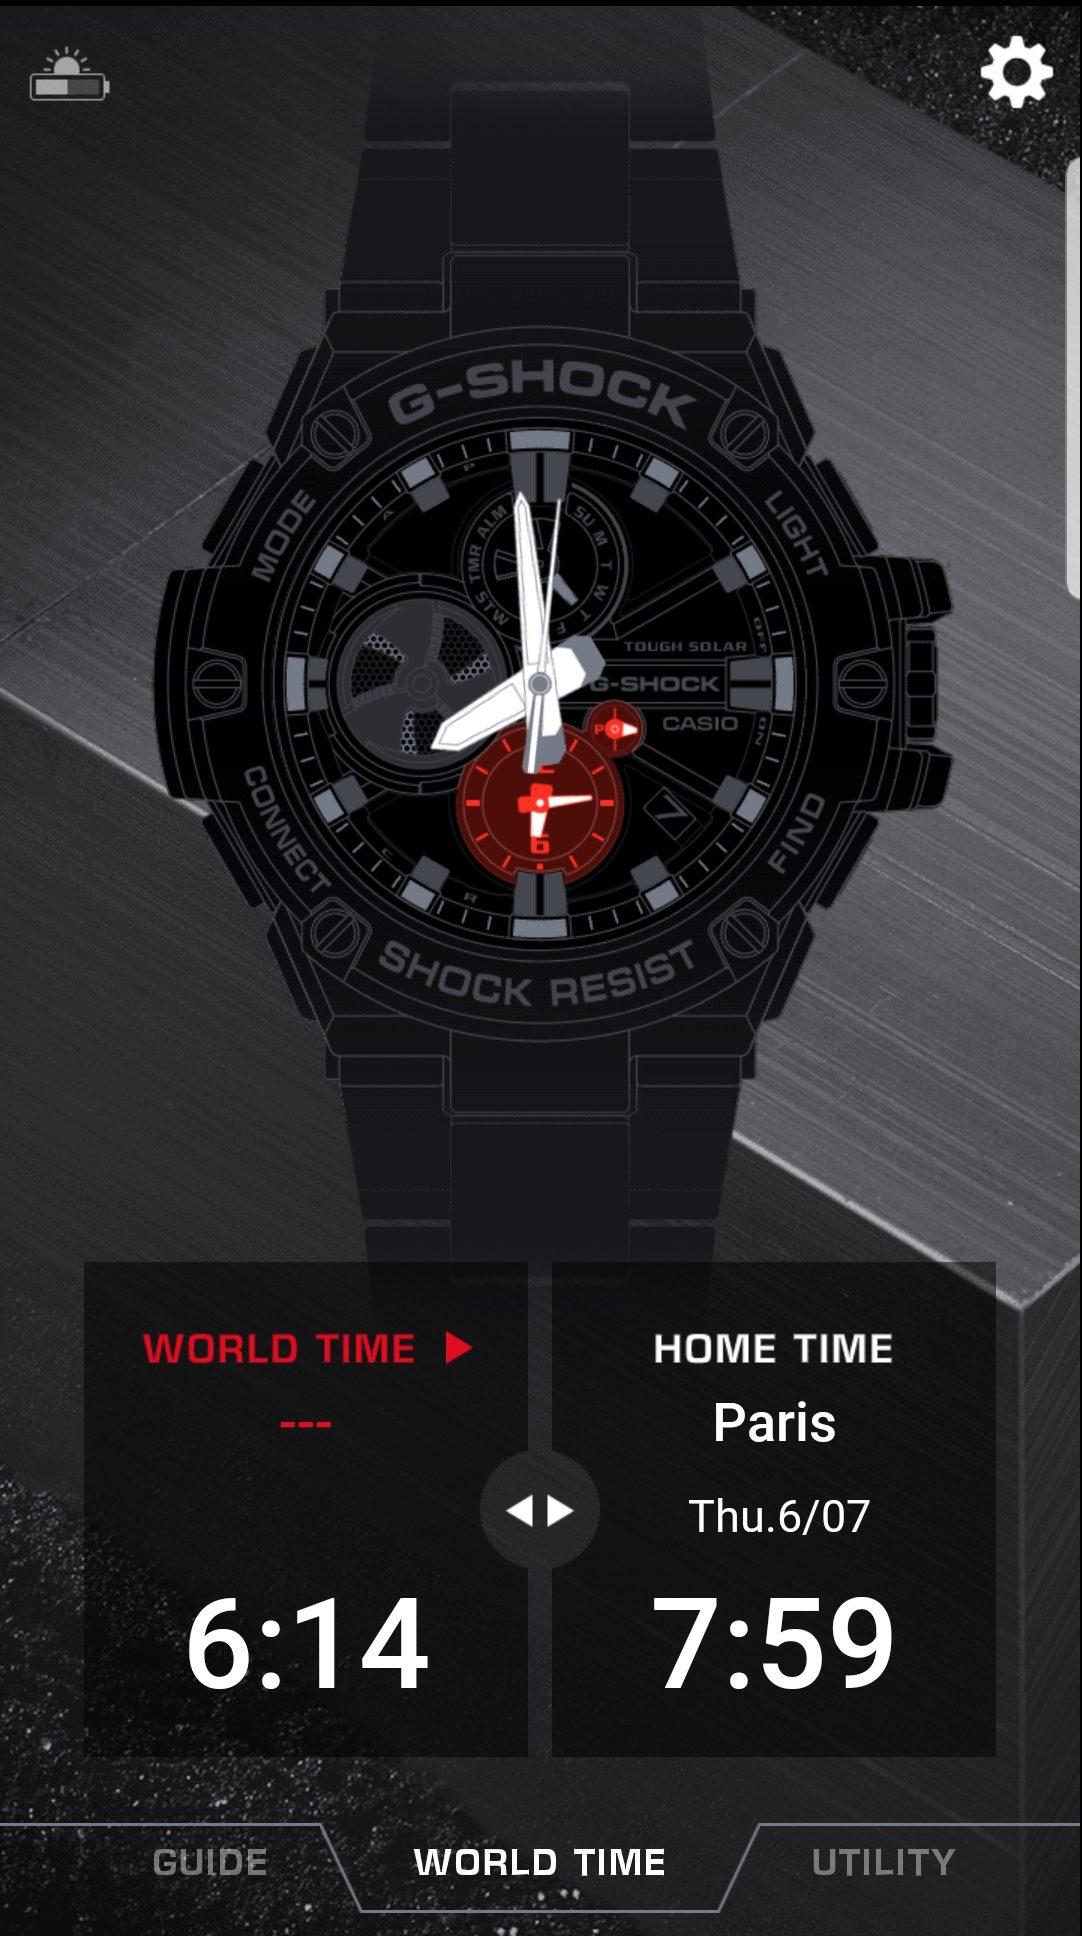 Montre Casio G Shock GST B100 1AER, test & avis